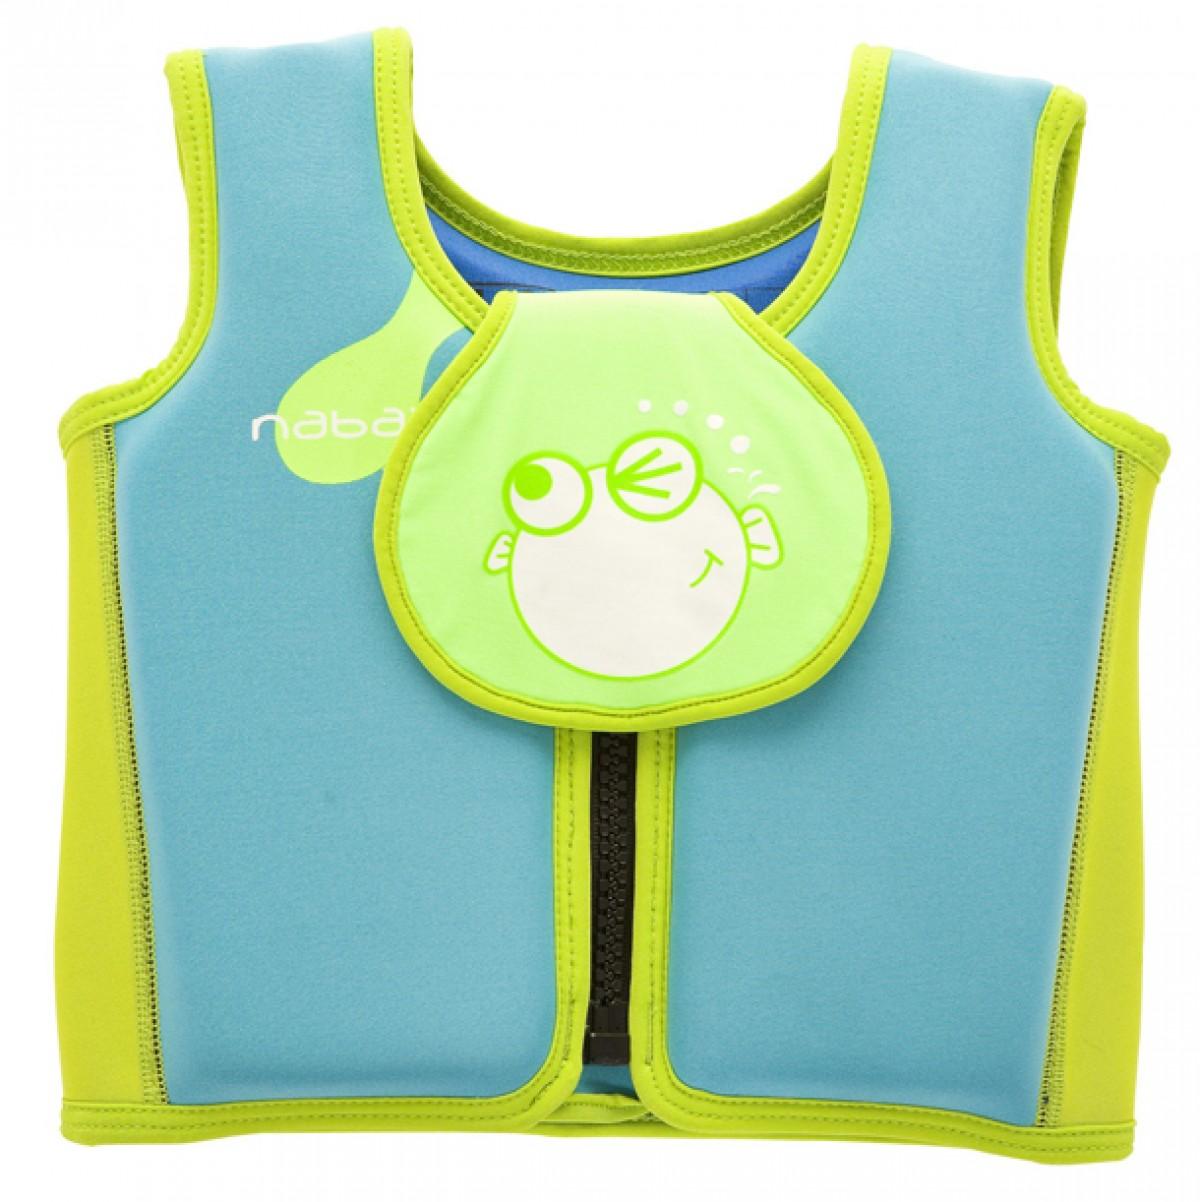 Çocuklarınız İçin Eglenceli, Sportif ve Renkli Ürünler Decathlon'da 96